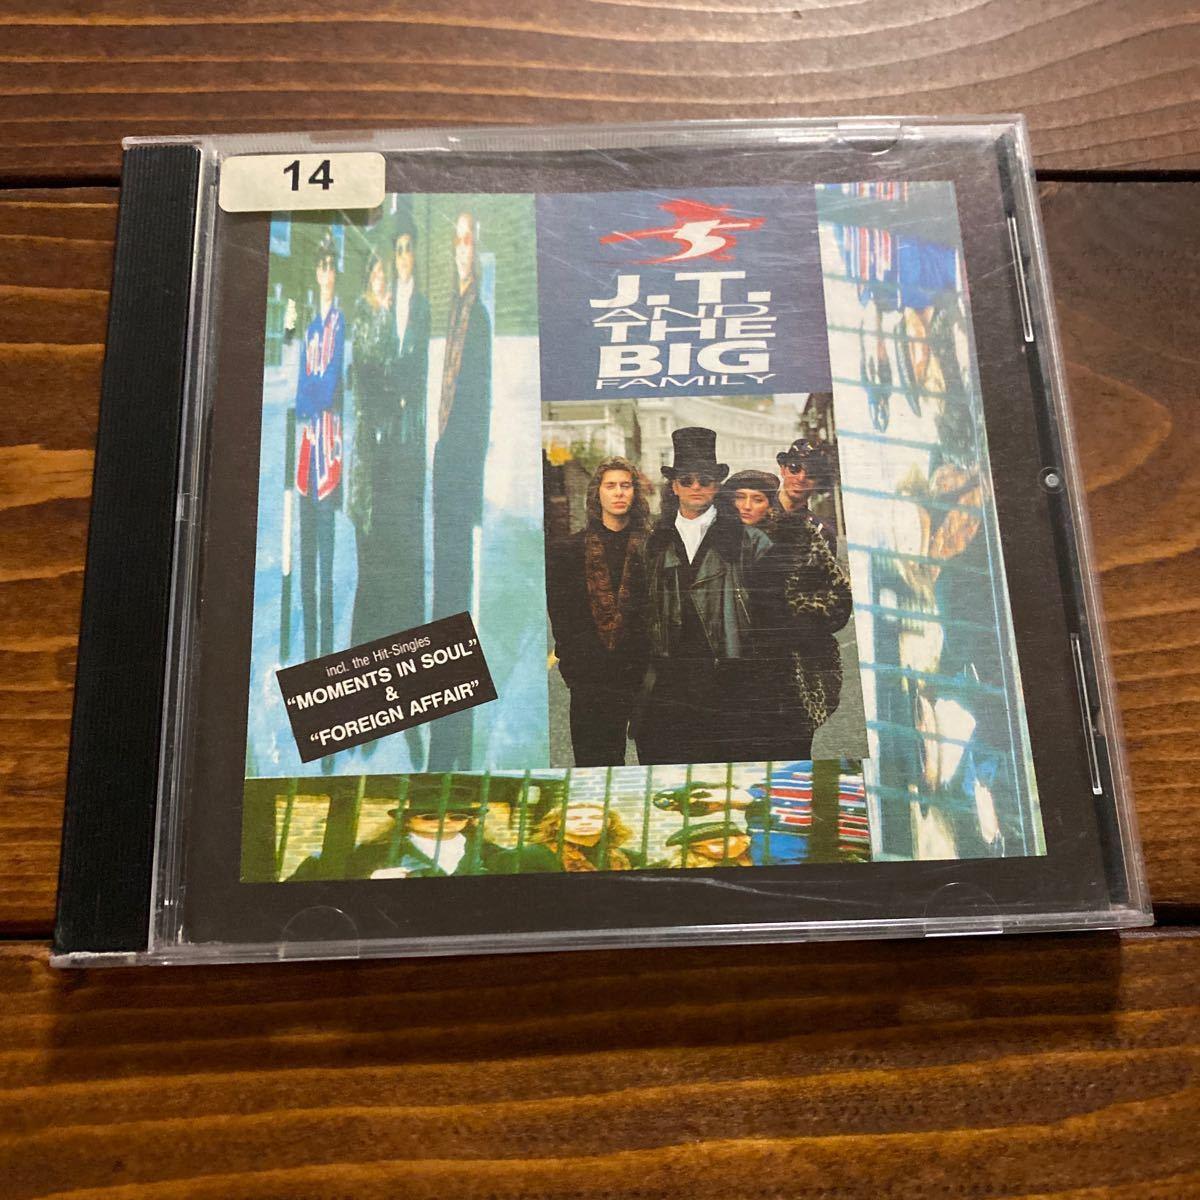 激レア! J.T. & The Big Family / 唯一のALBUM / Groundbeat / Moments In Soul収録_画像1